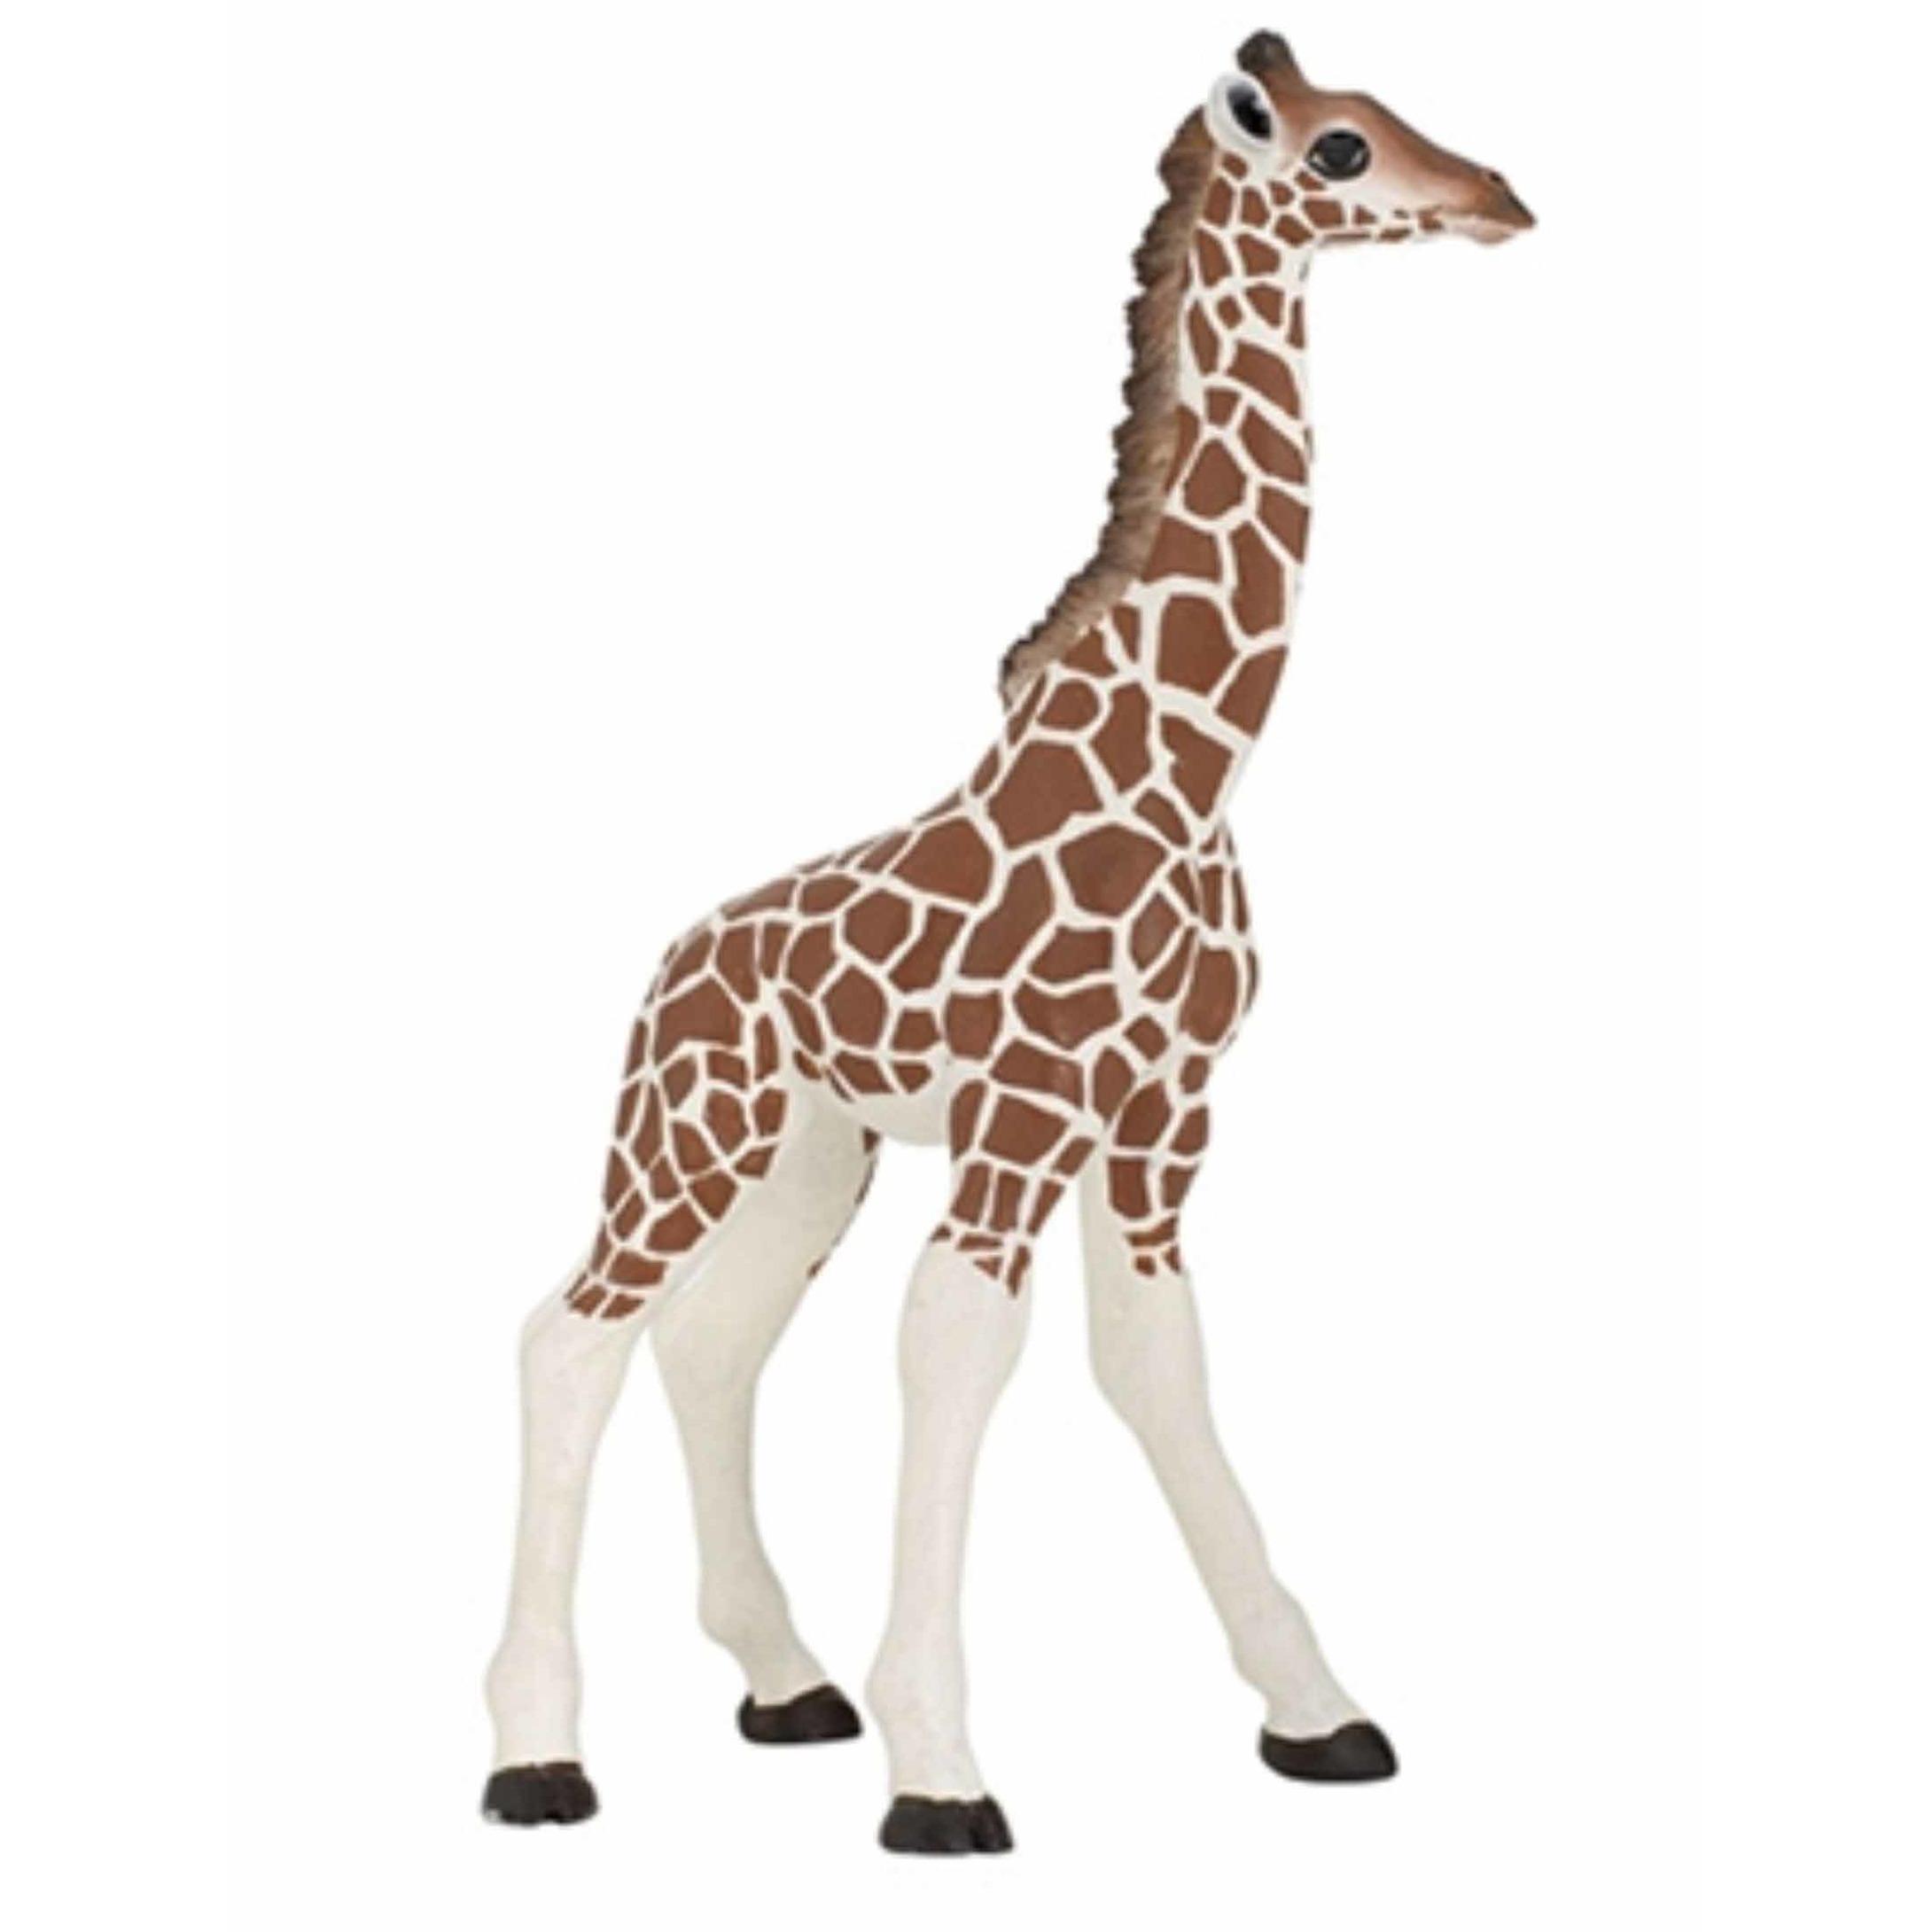 Speelfiguren sets Papo Plastic baby giraffe 9 cm